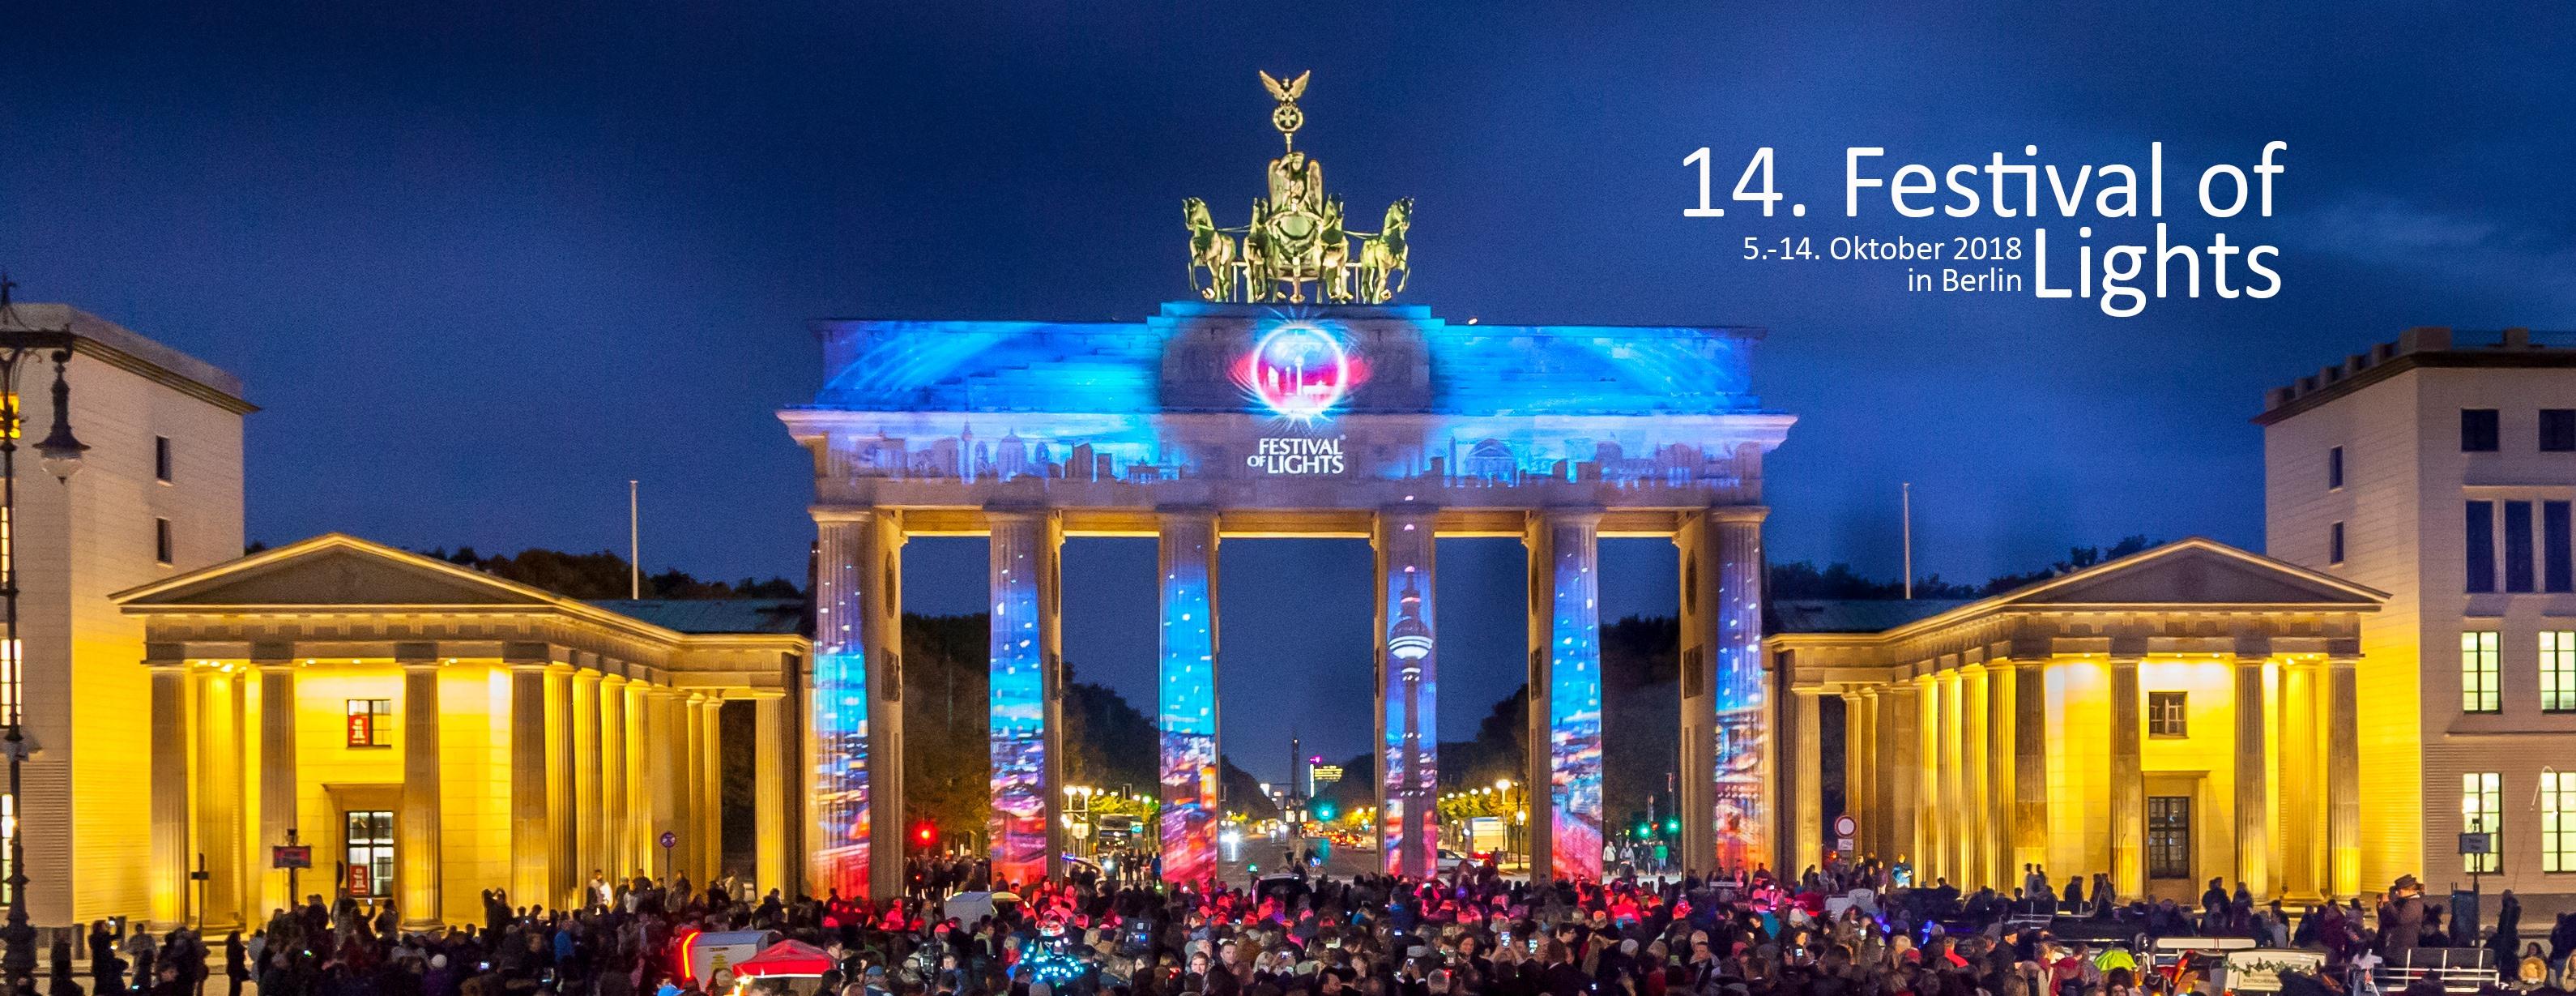 Festival of Lights 2018 Berlin